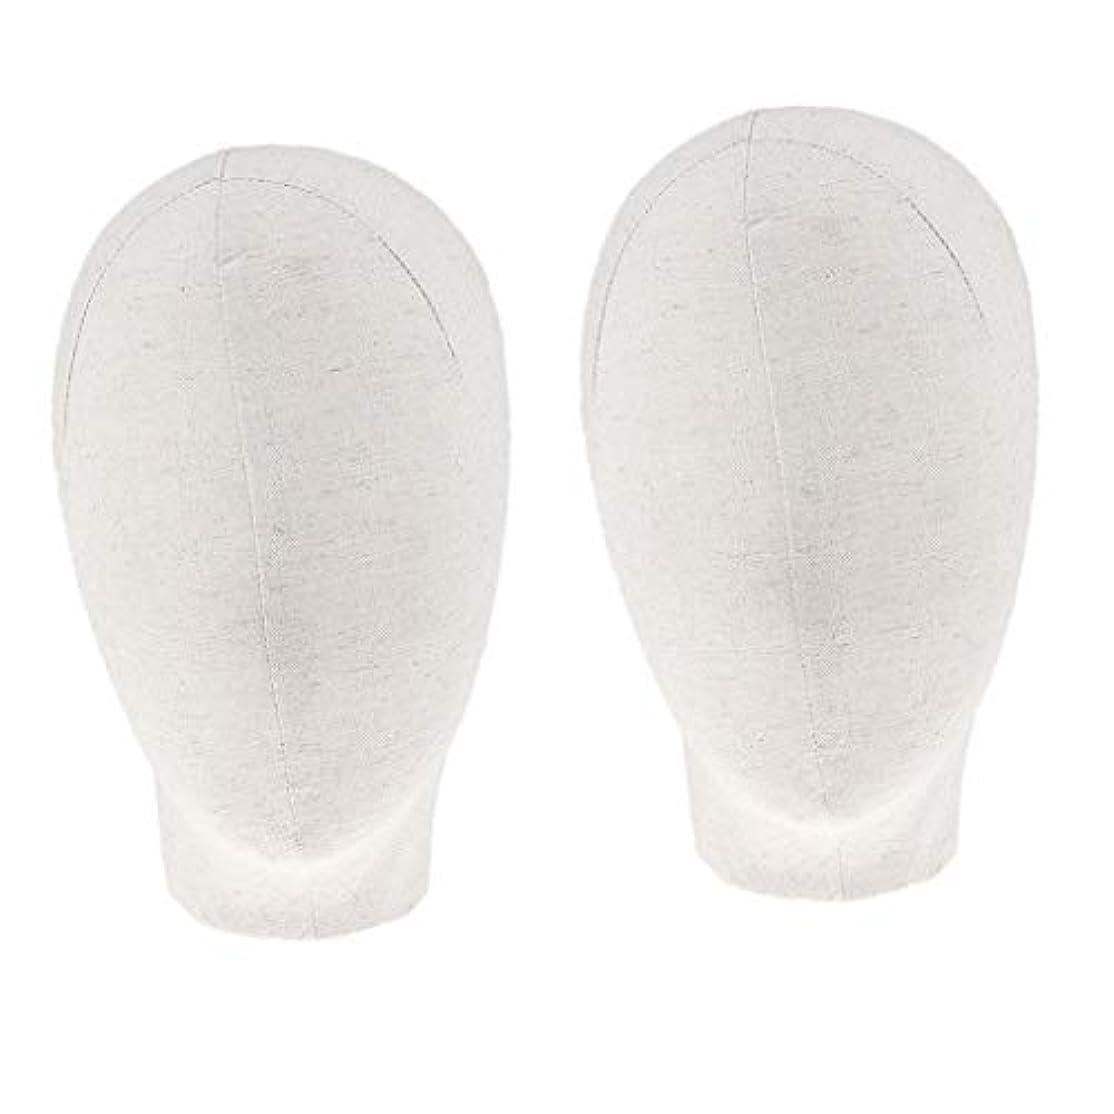 DYNWAVE マネキンヘッド キャンバスブロック 21インチ かつら 帽子 メガネ ディスプレイ ホルダー